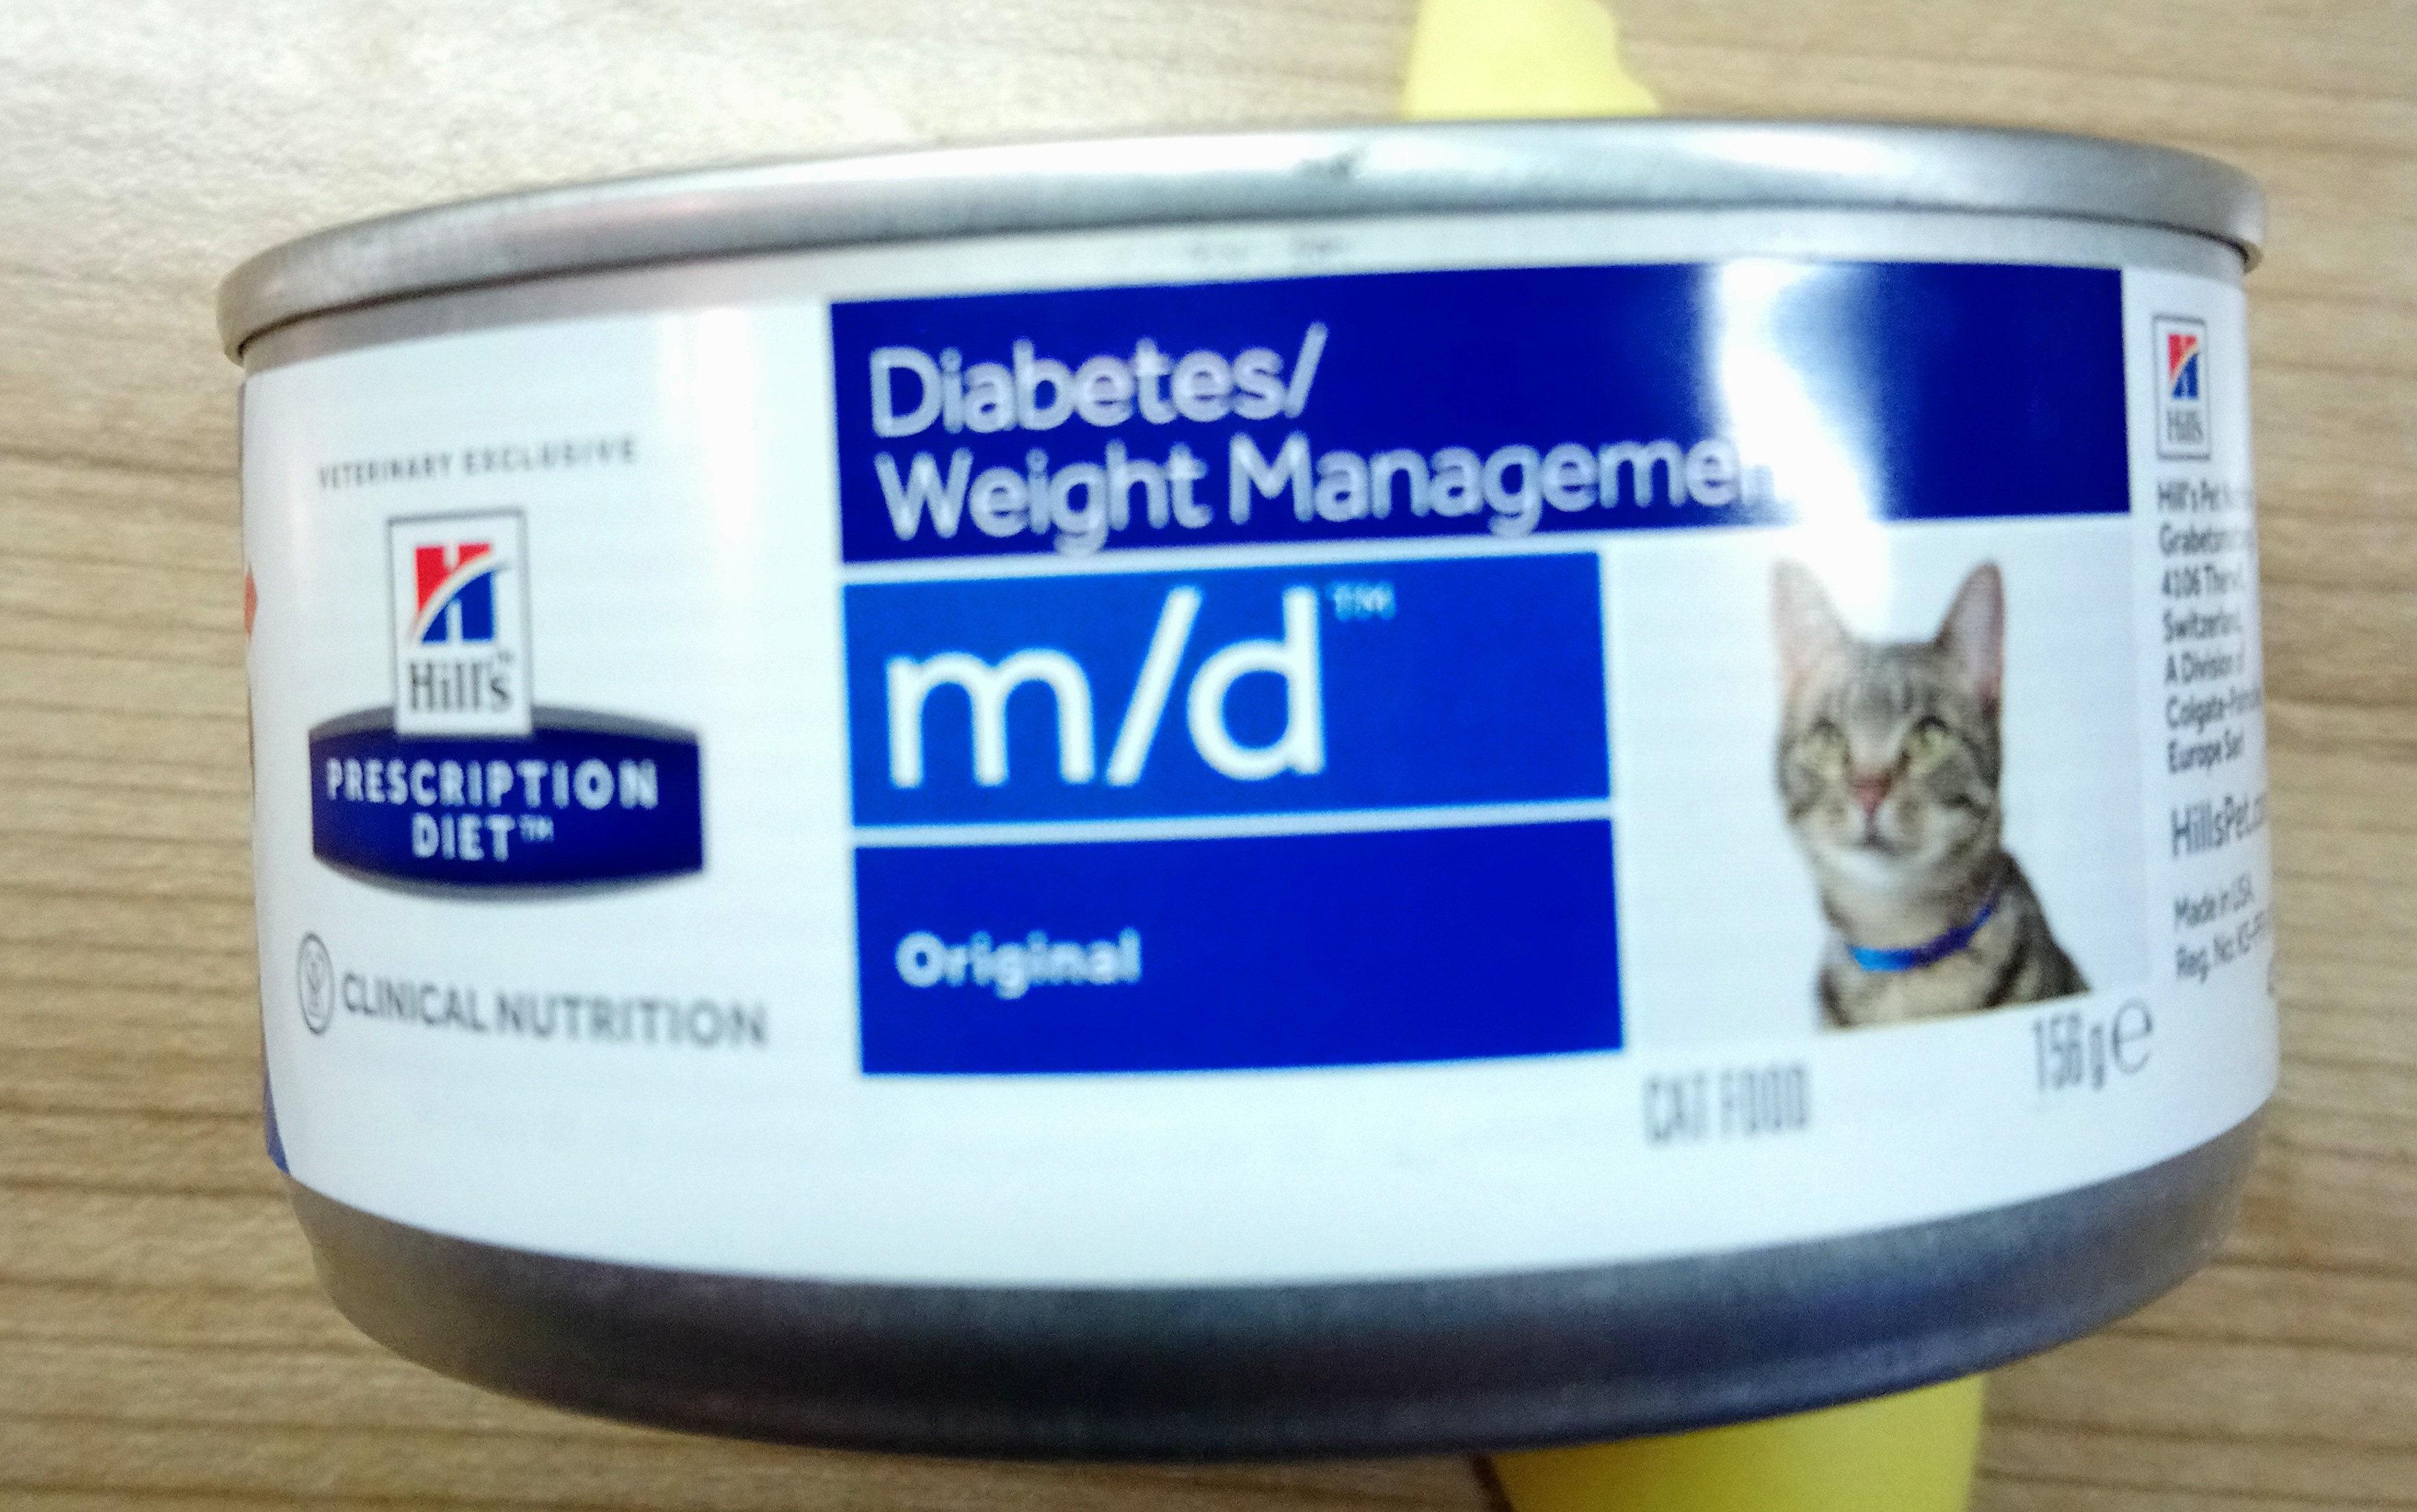 m/d Prescription Diet Diabetes - Product